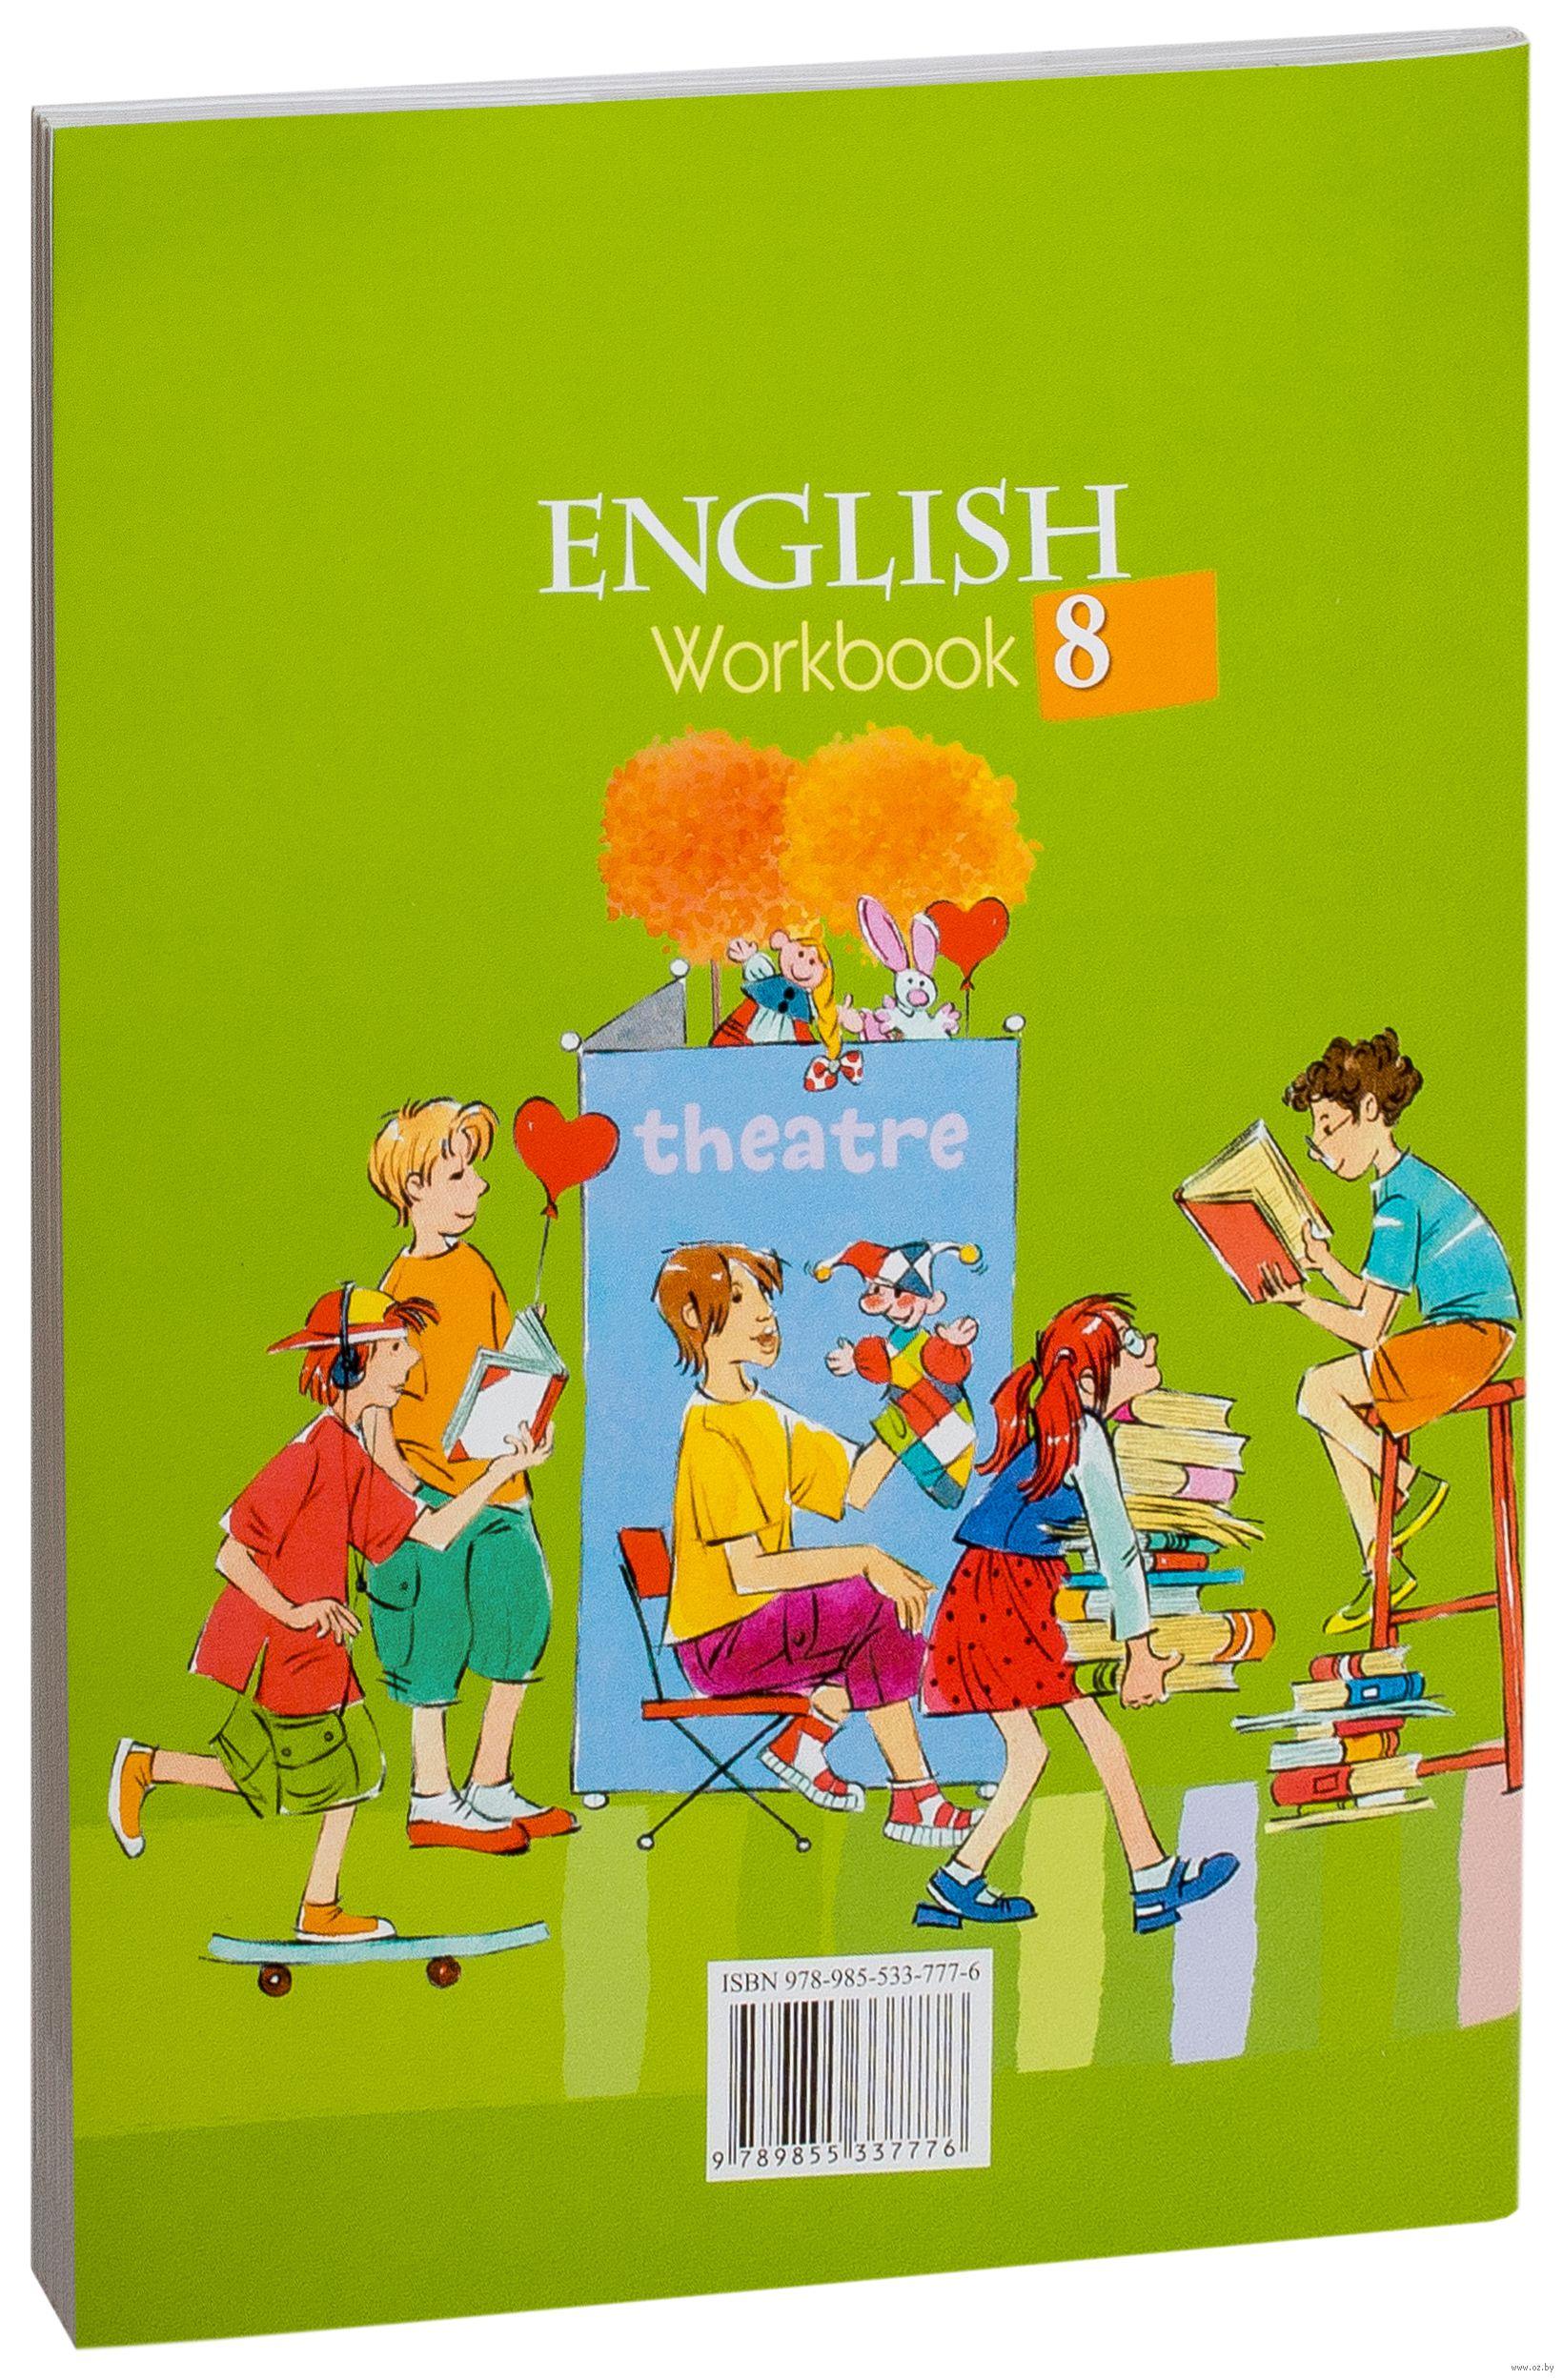 английский язык рабочая напечатанная тетрадь